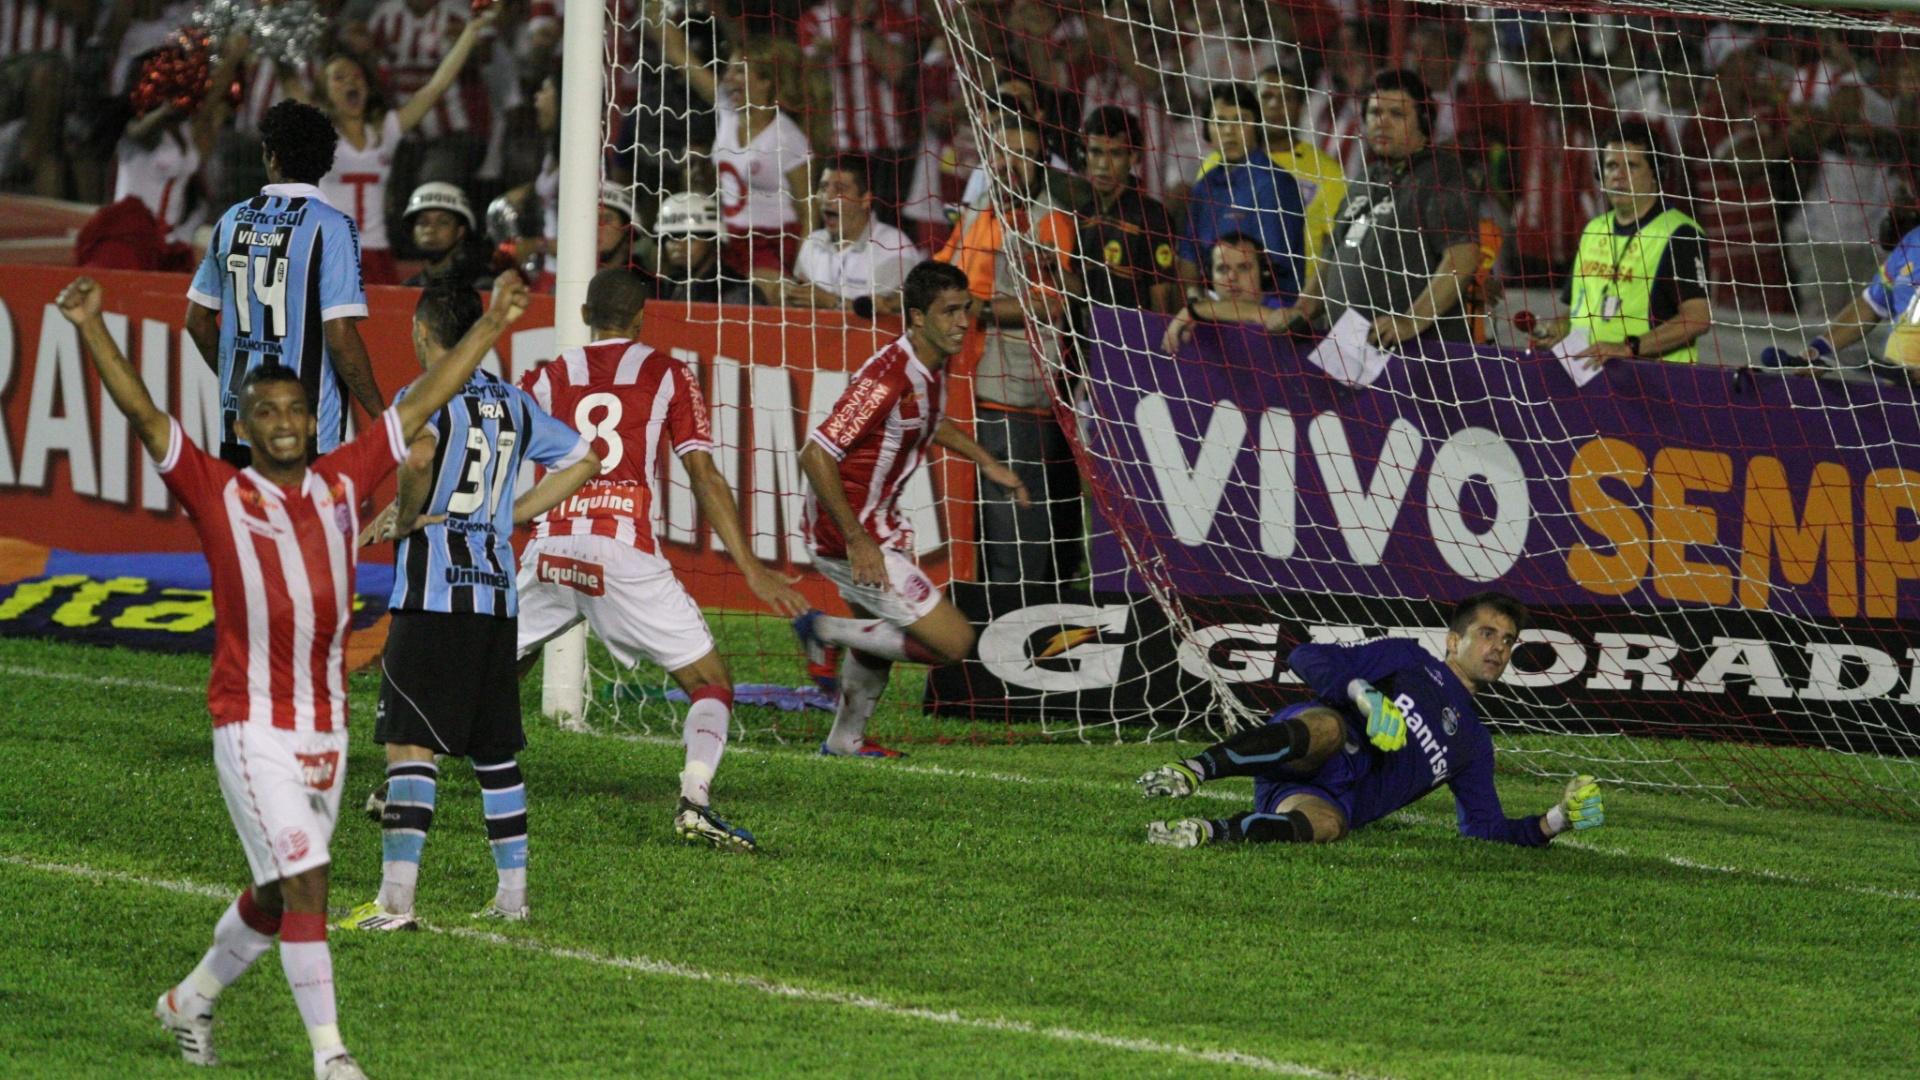 Jogadores do Náutico comemoram gol marcado pelo zagueiro Ronaldo Alves na vitória sobre o Grêmio